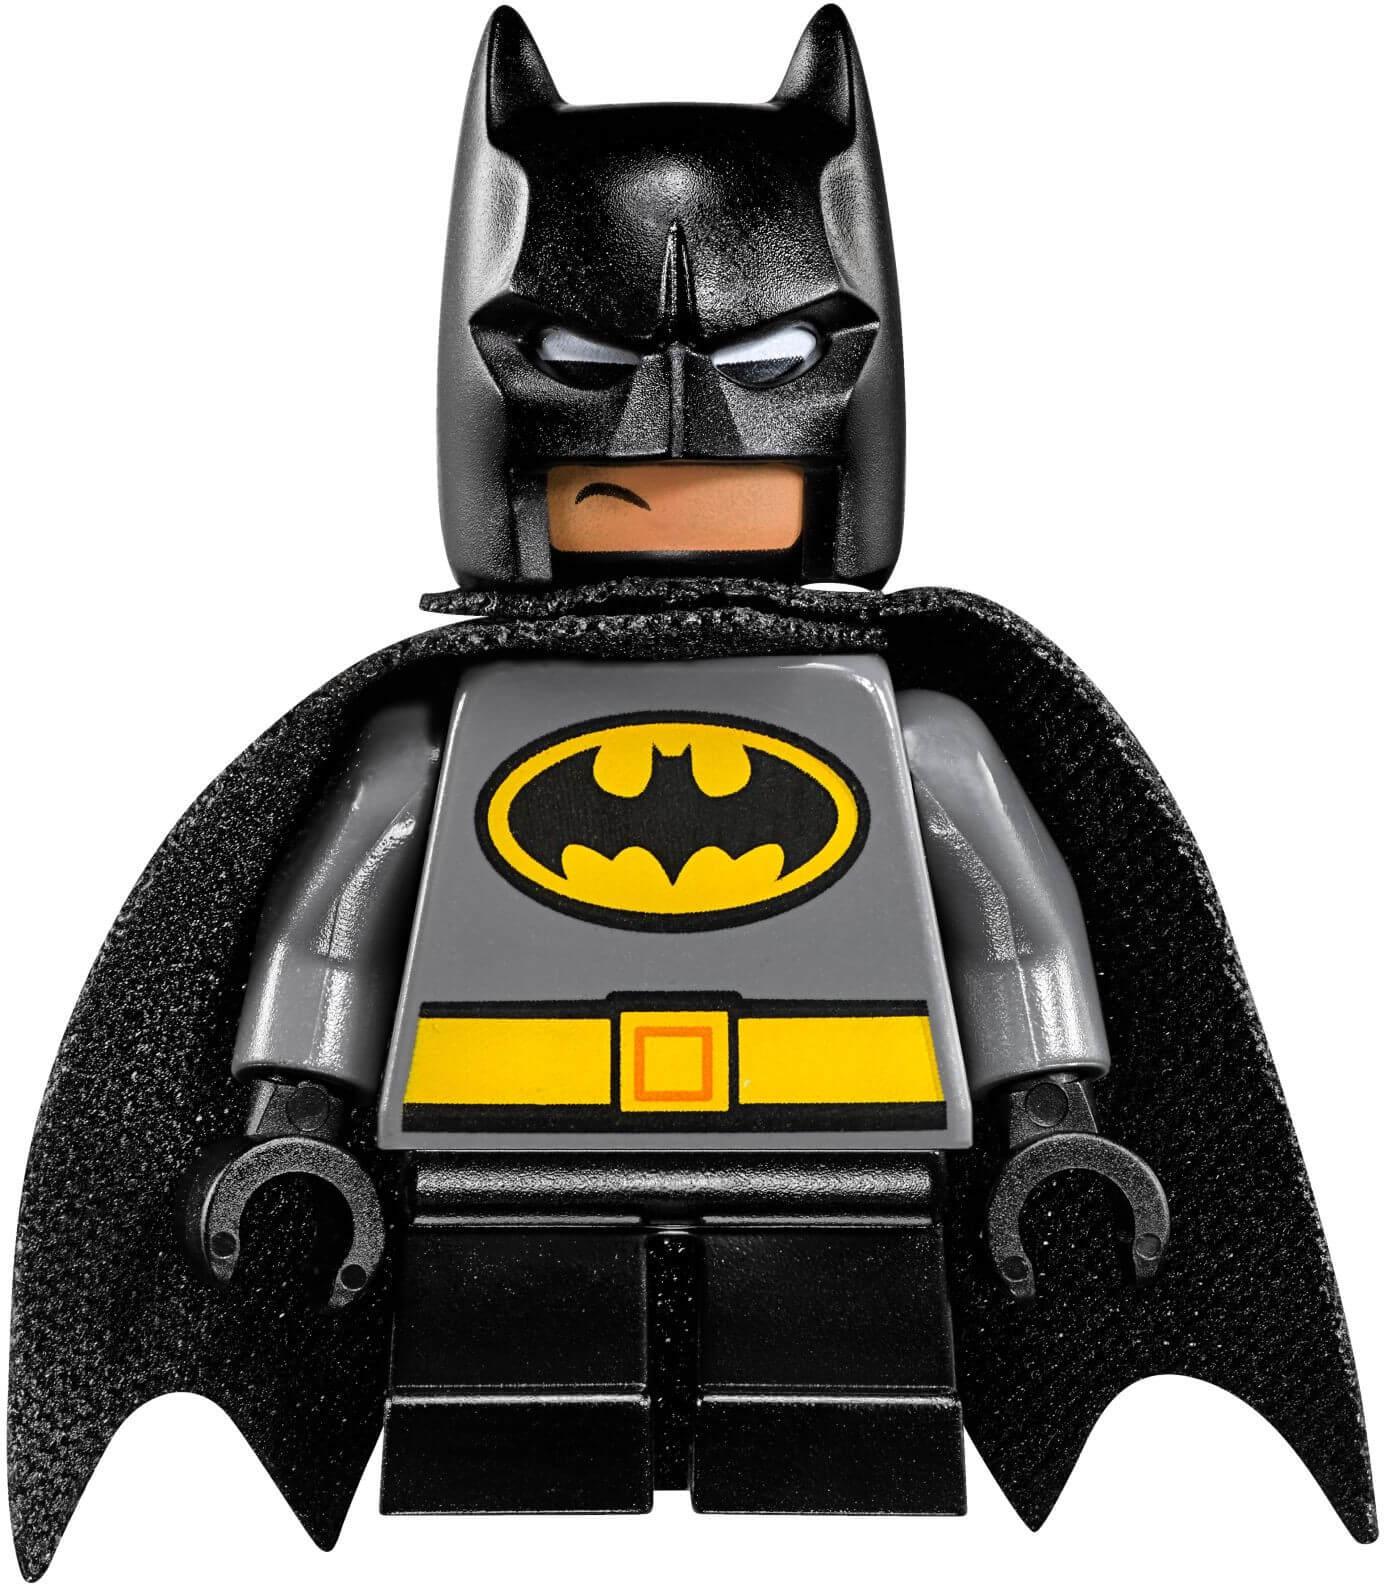 Mua đồ chơi LEGO 76061 - LEGO DC Comics Super Heroes 76061 - Batman đại chiến Người Mèo Catwoman (LEGO DC Comics Super Heroes Mighty Micros: Batman vs. Catwoman 76061)